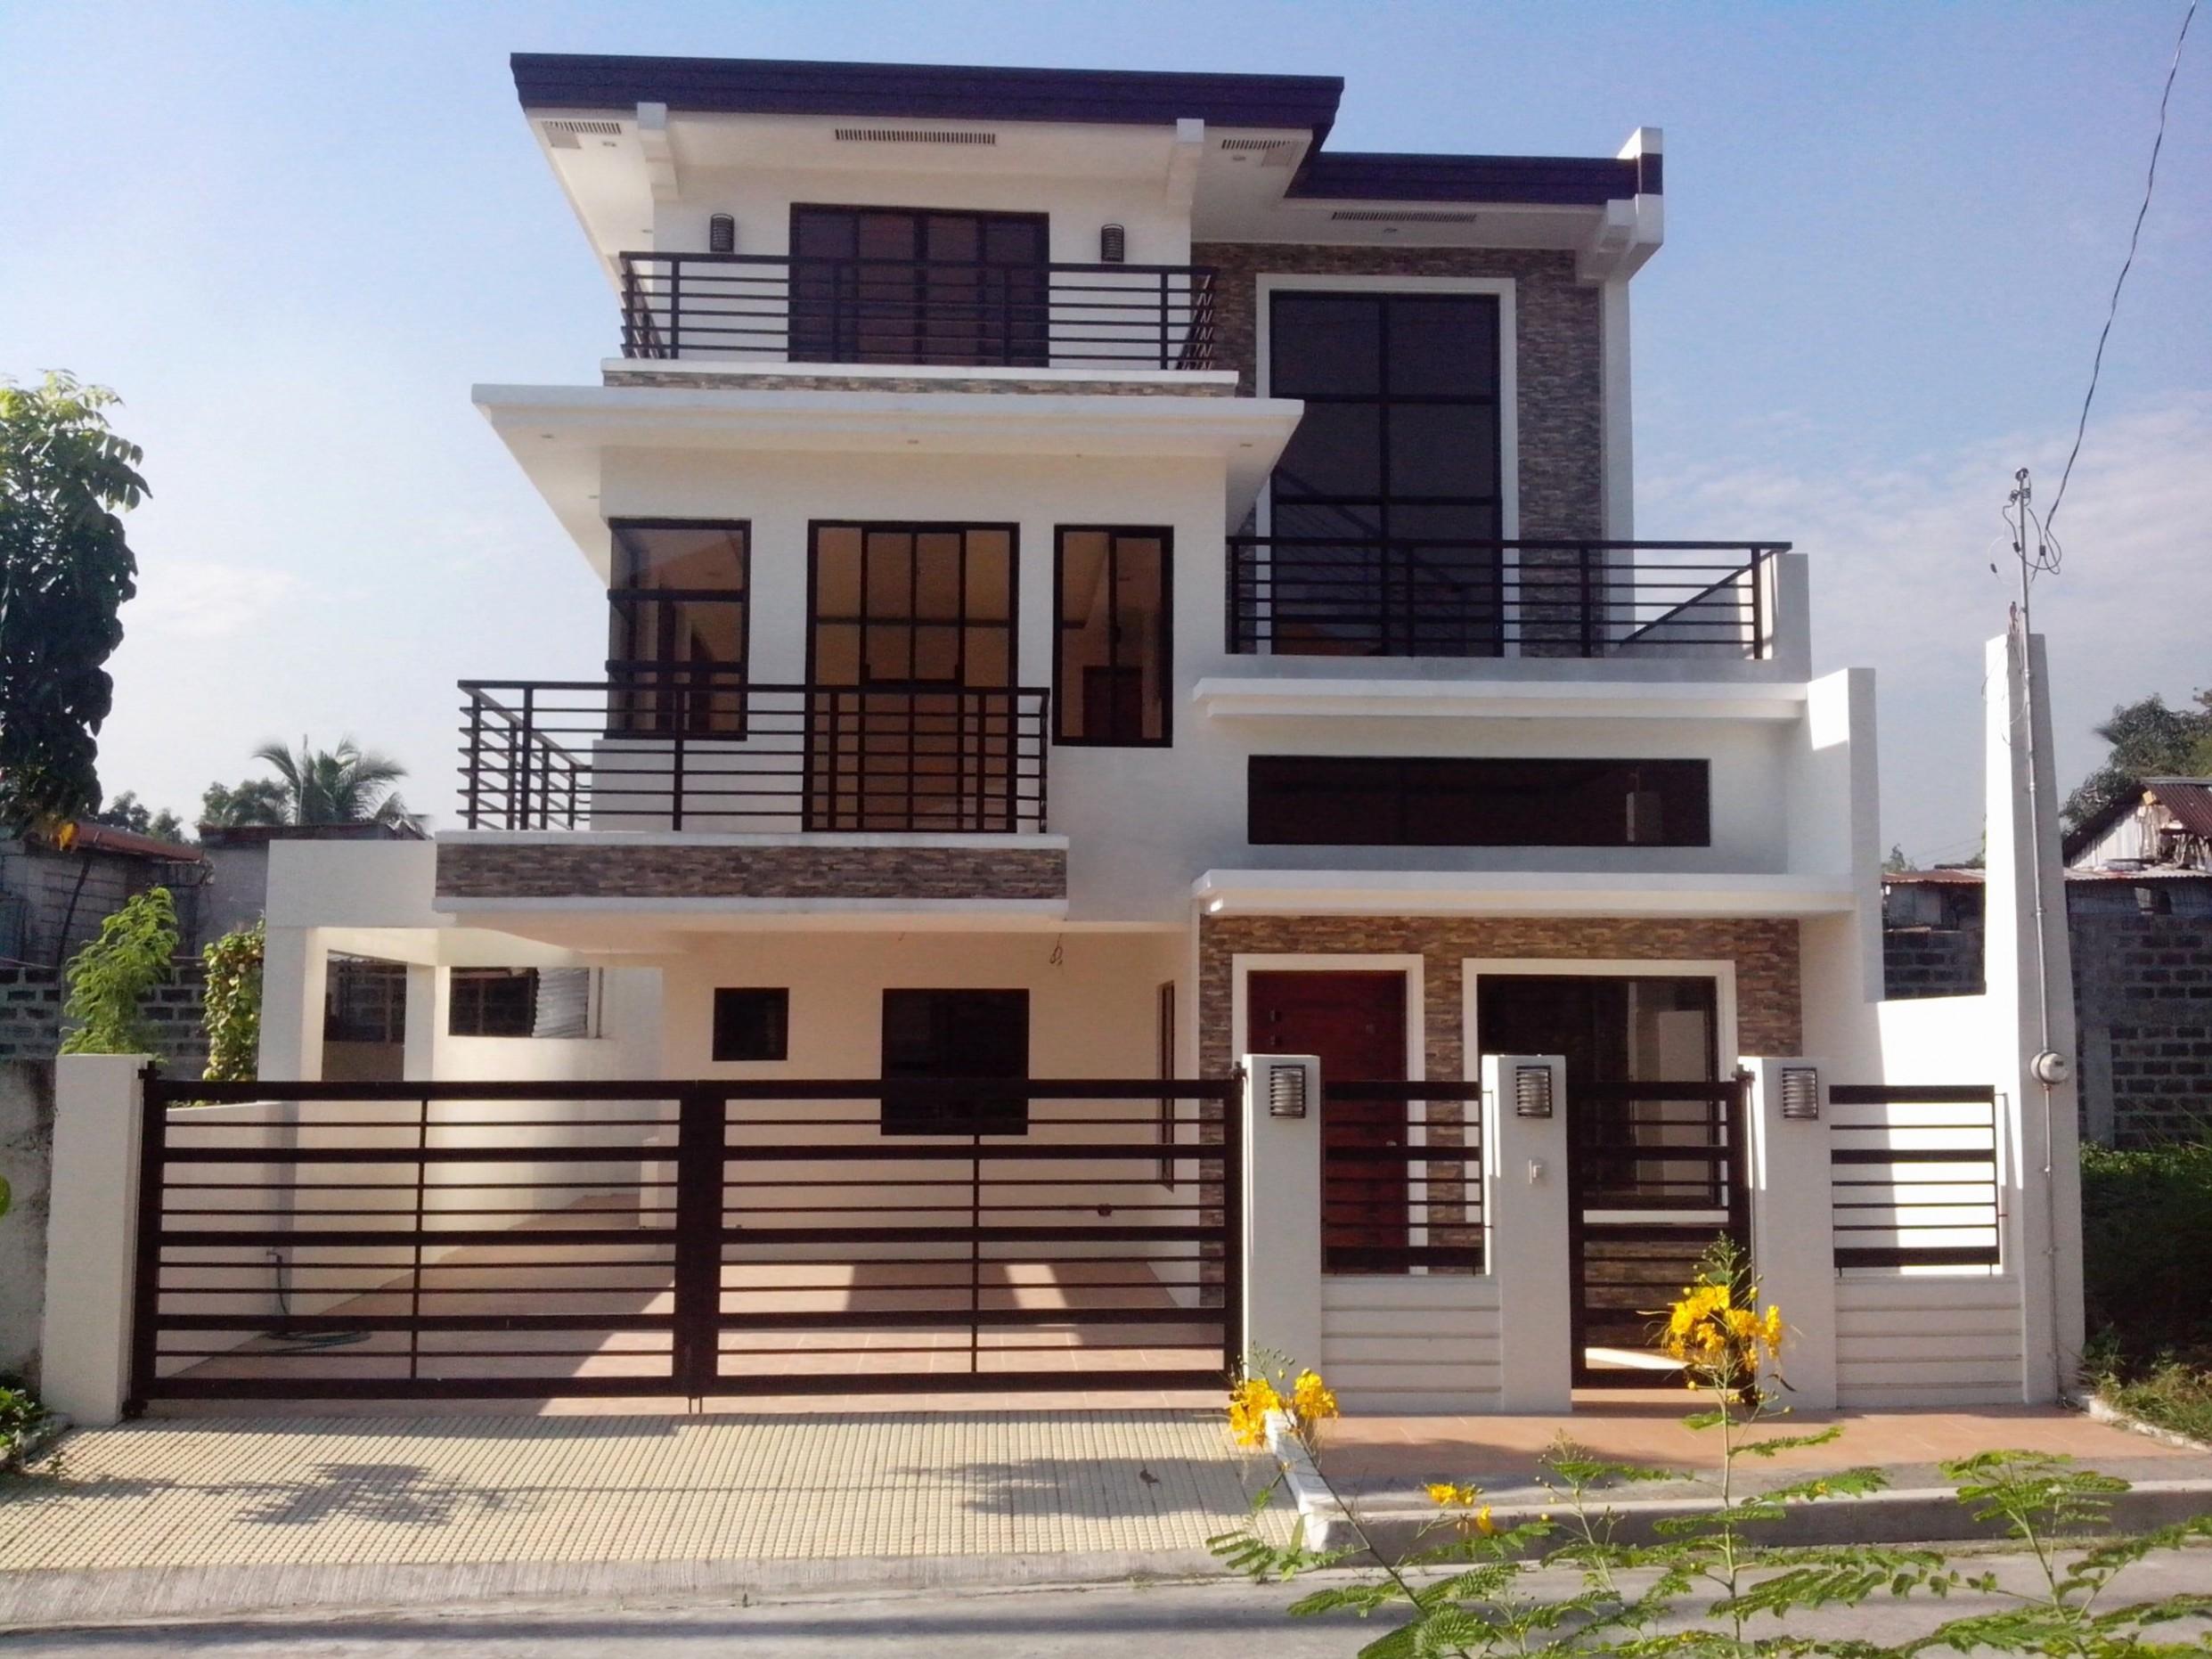 Duplex Apartment Design Philippines   Philippines house design  - Apartment Design In Philippines